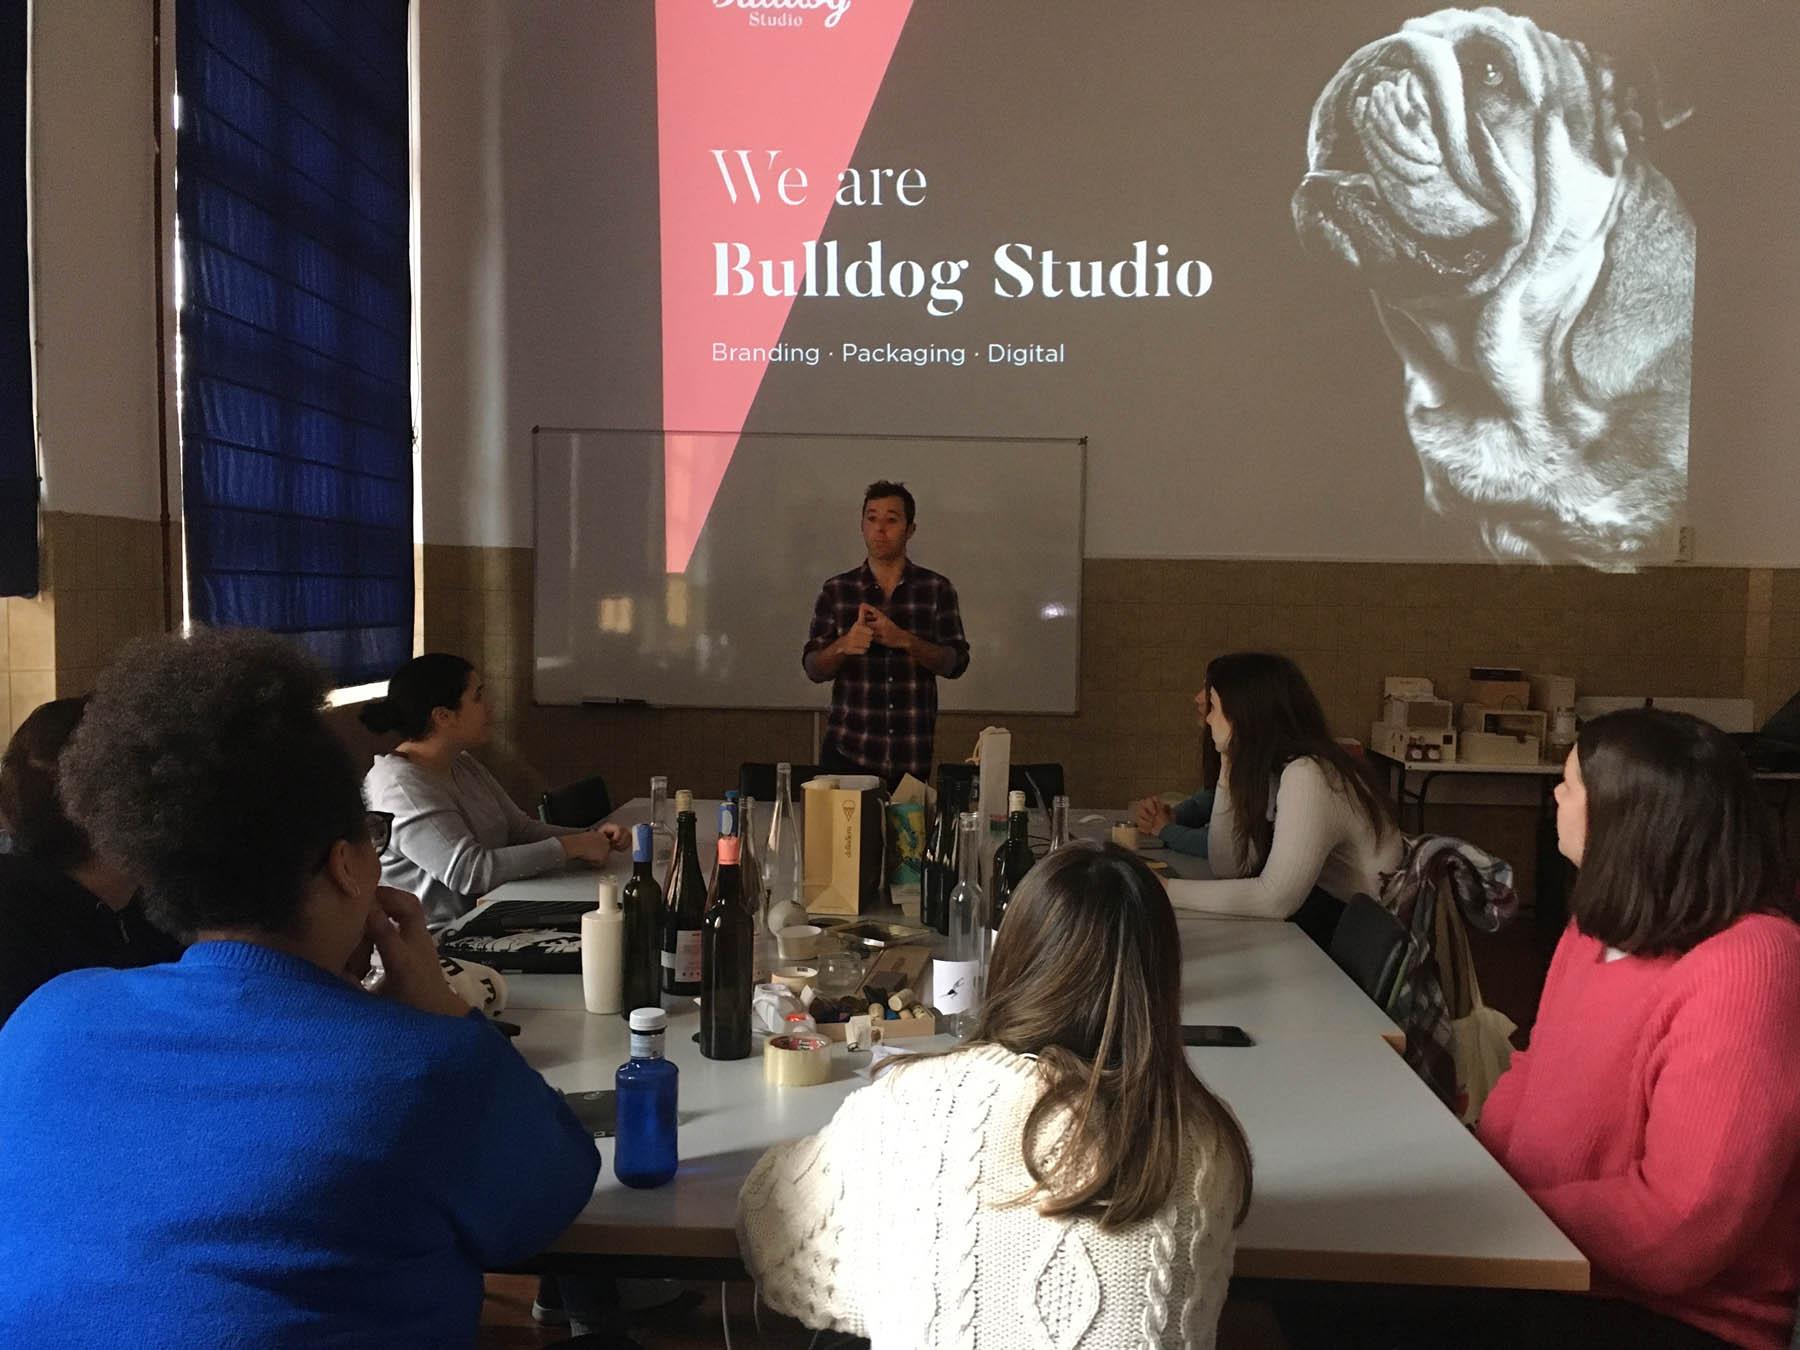 Carles Sala del estudio Bulldog en el Máster de Packaging